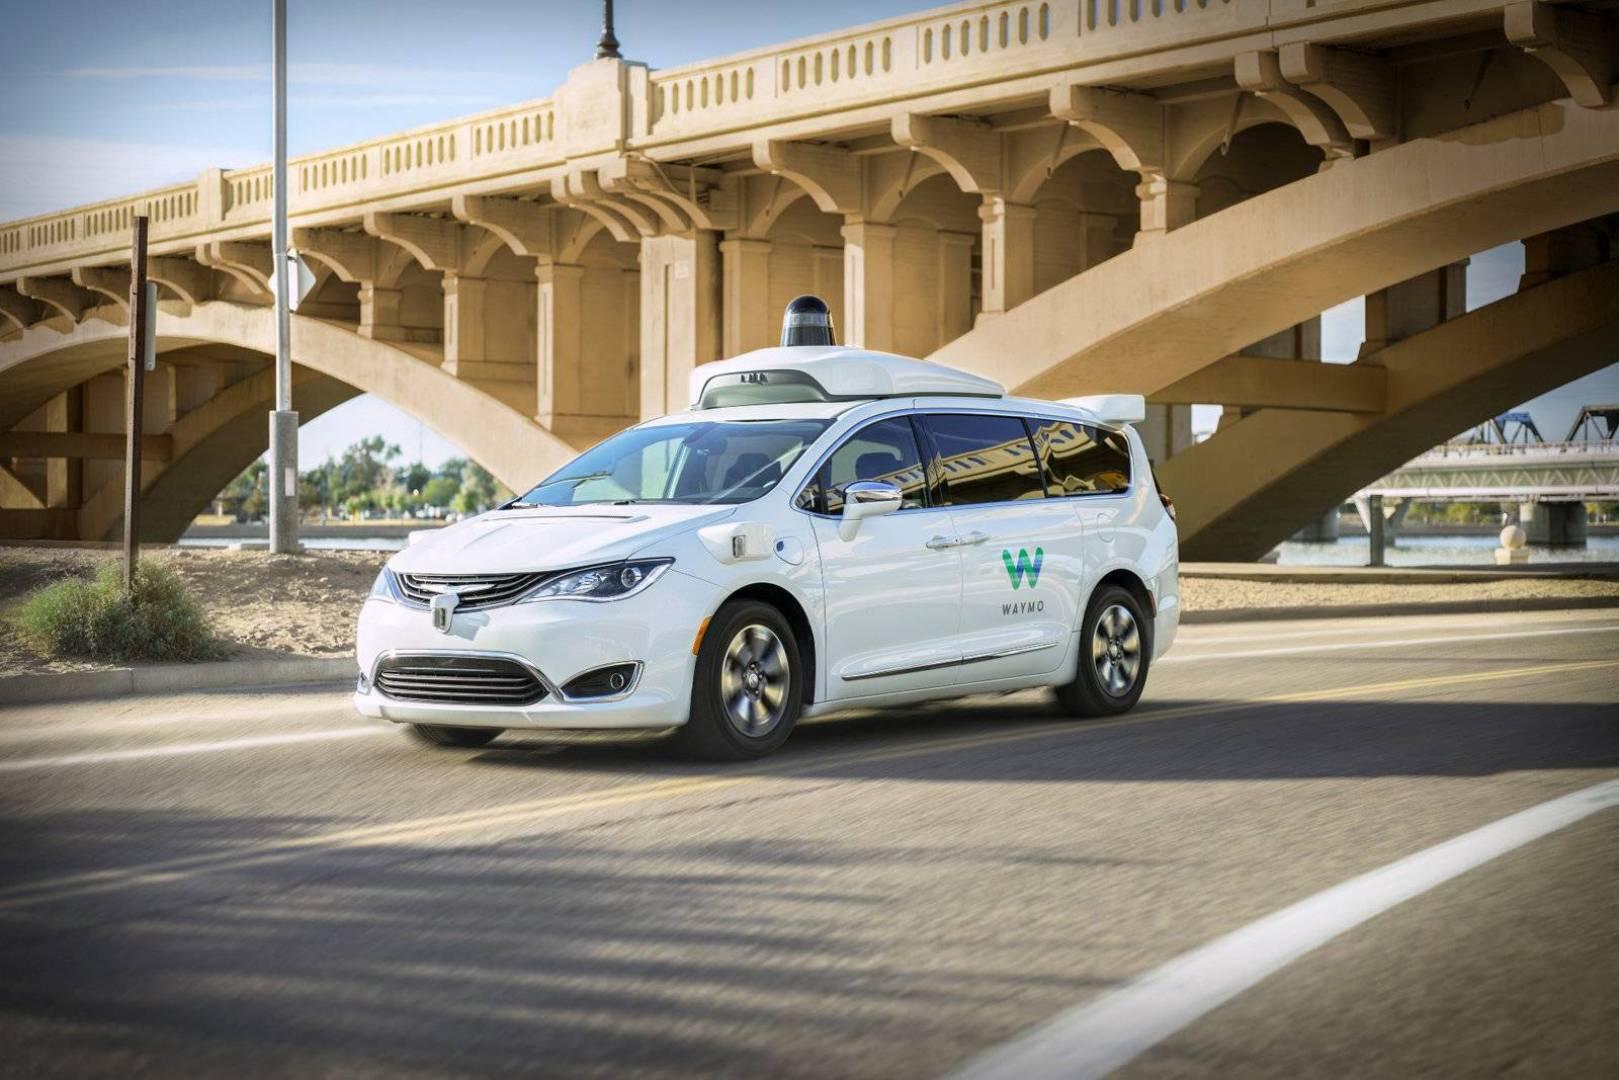 شركة «Waymo» تجرب أول سيارتها ذاتية القيادة في لوس أنجلوس